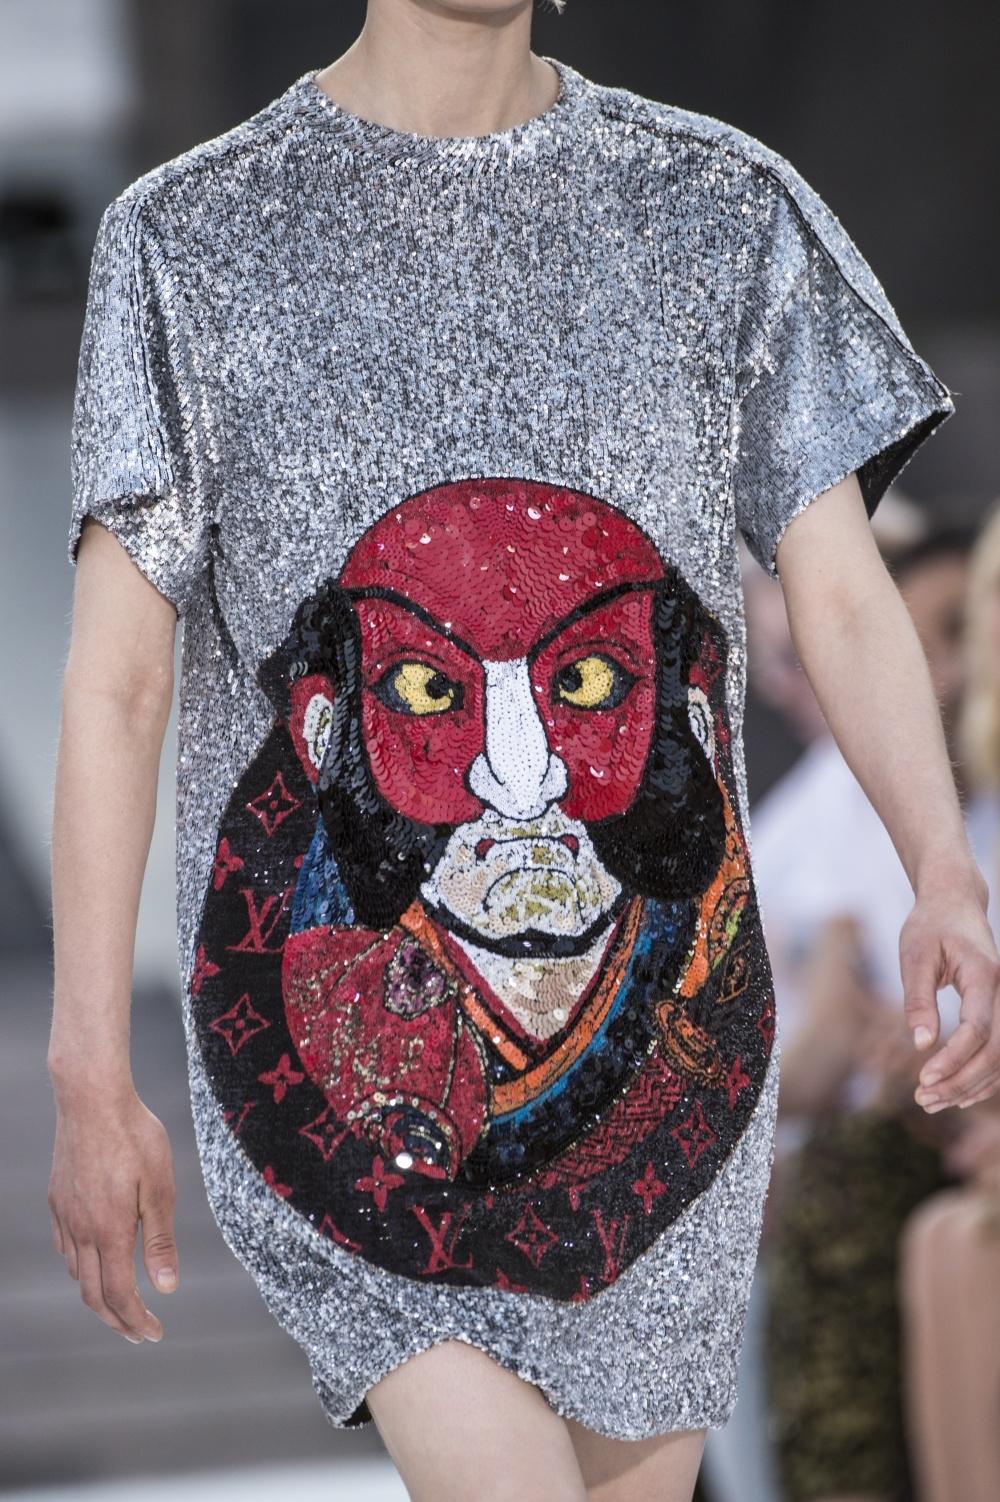 Умер японский дизайнер Кансай Ямамото, который создавал легендарные костюмы Дэвида Боуи - фото №6